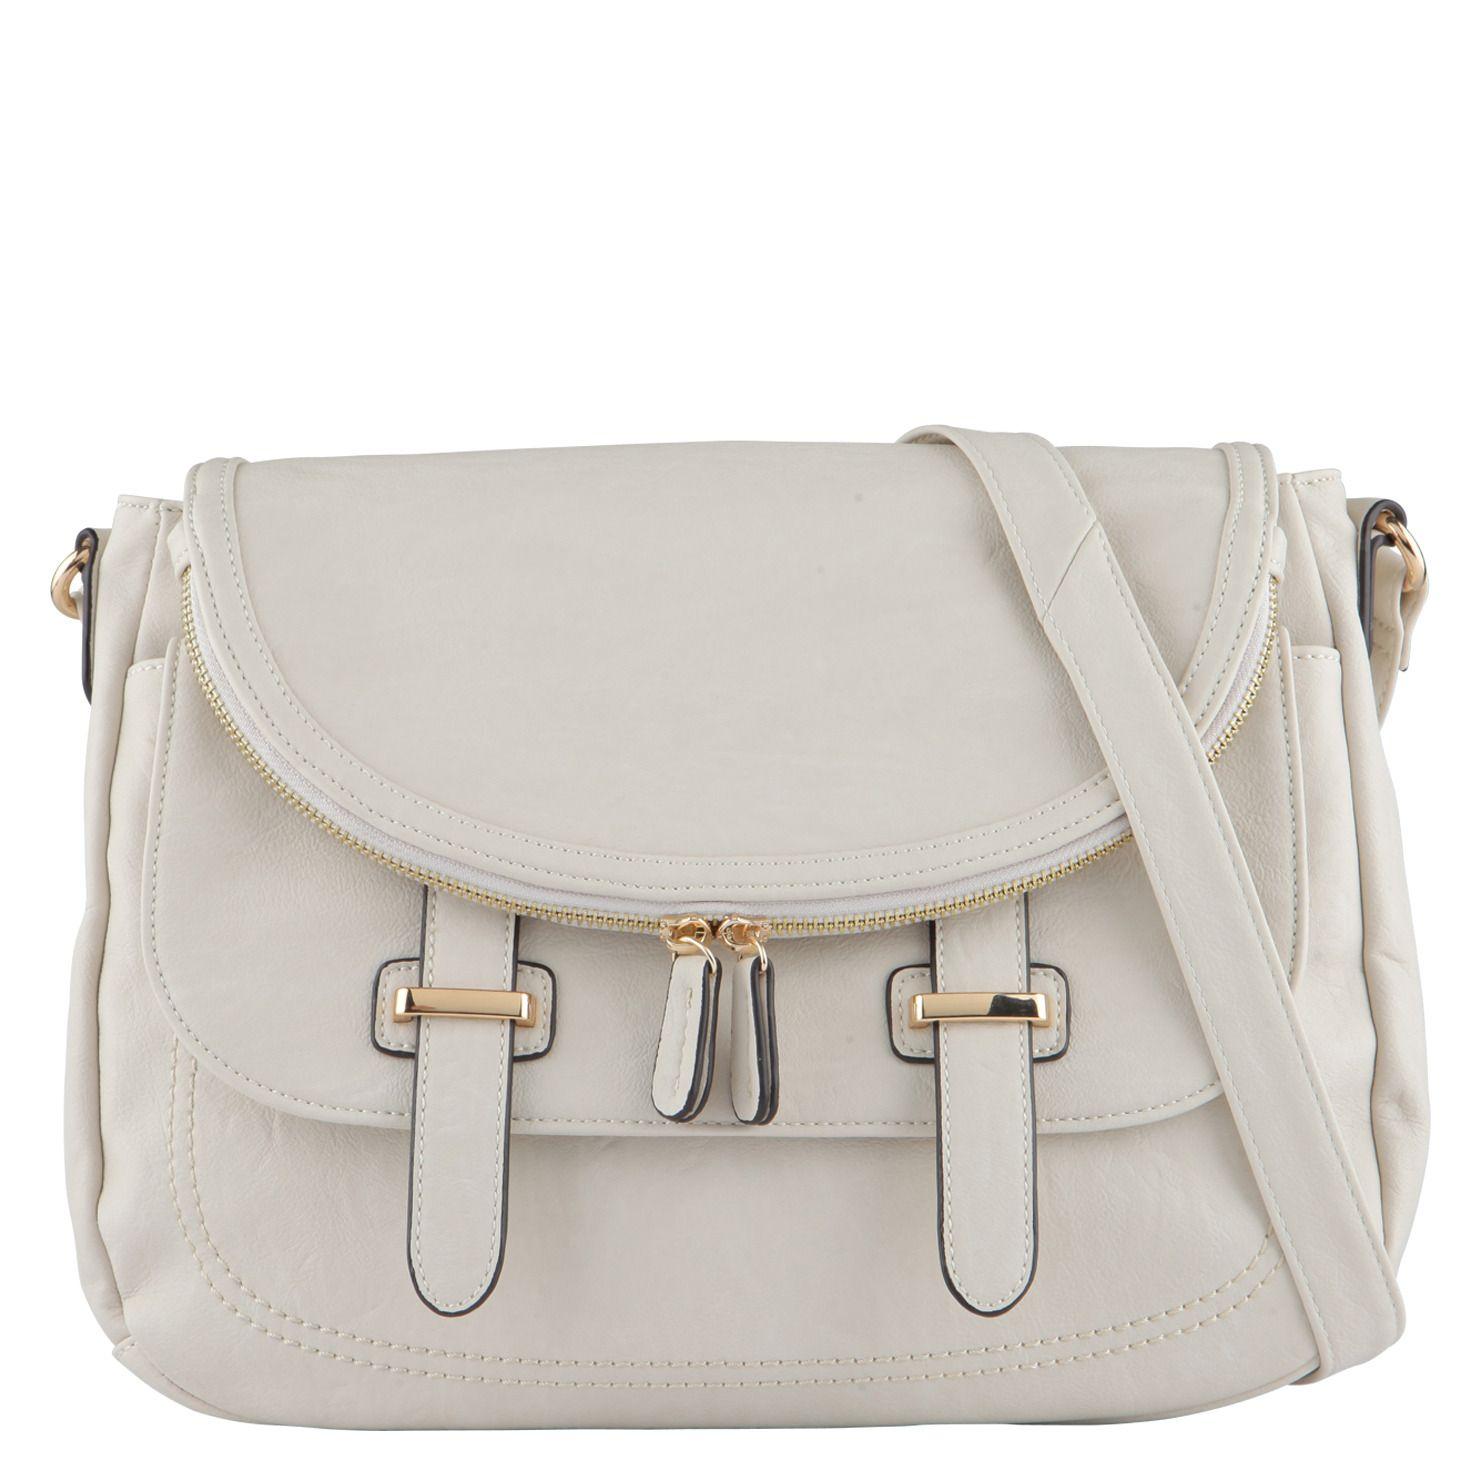 $35 Aldo  WISECARVER - handbags's CROSSBODY & MESSENGER BAGS for sale at ALDO Shoes.